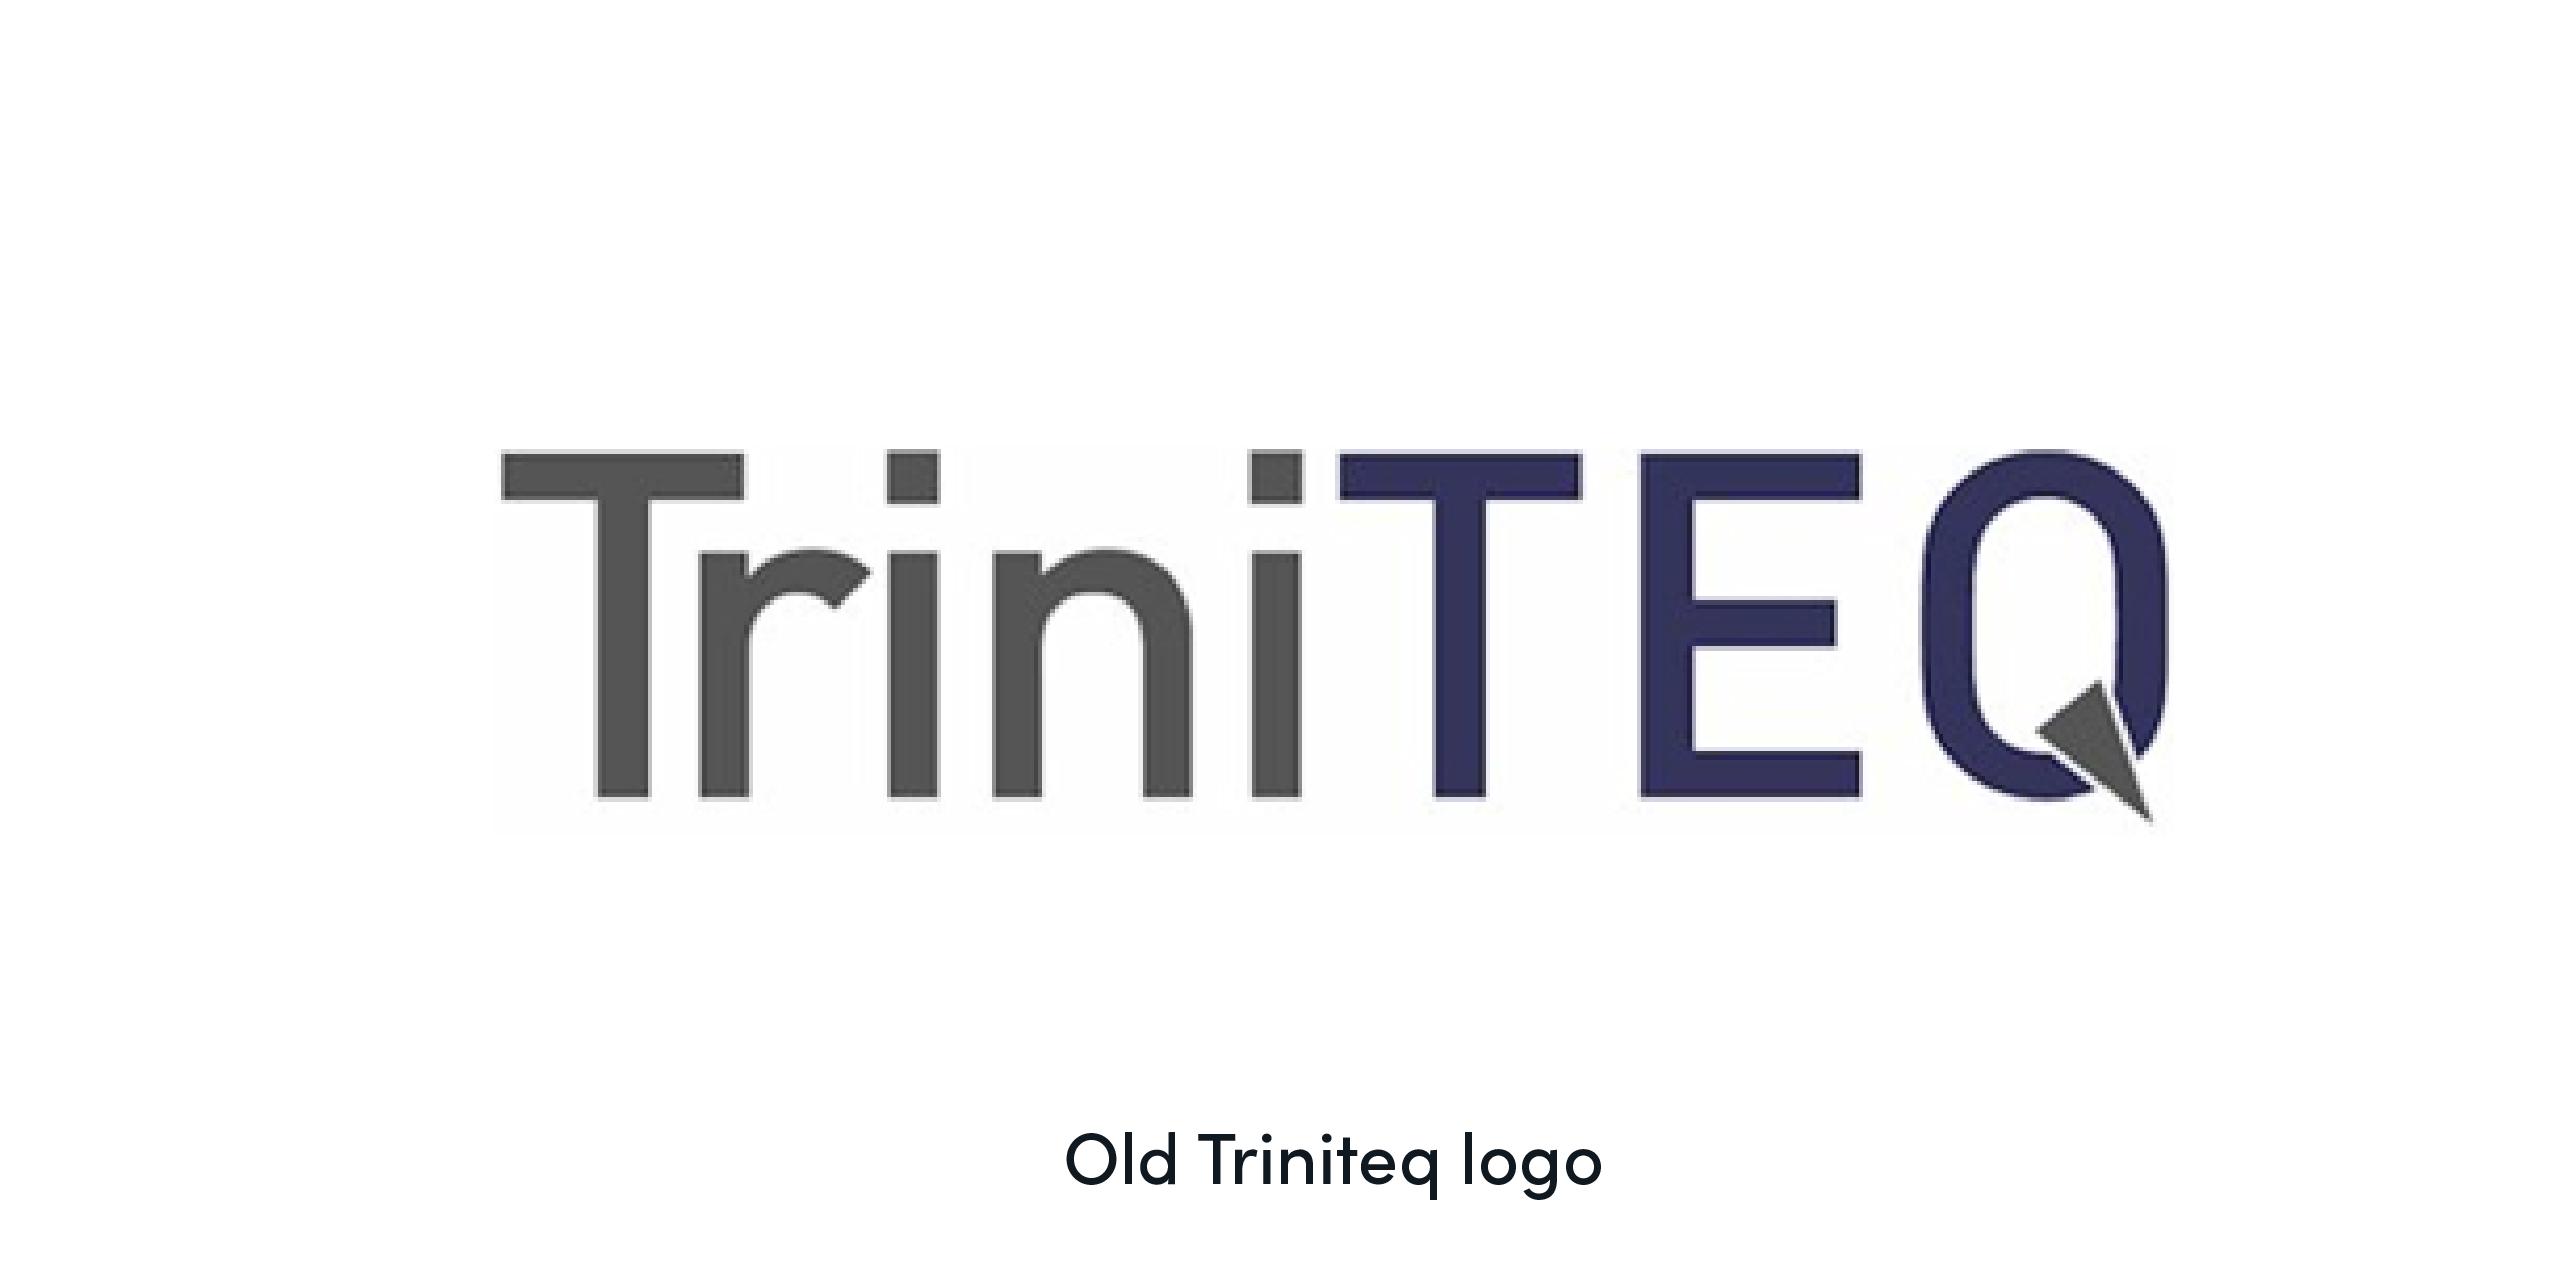 logo rebrand refresh